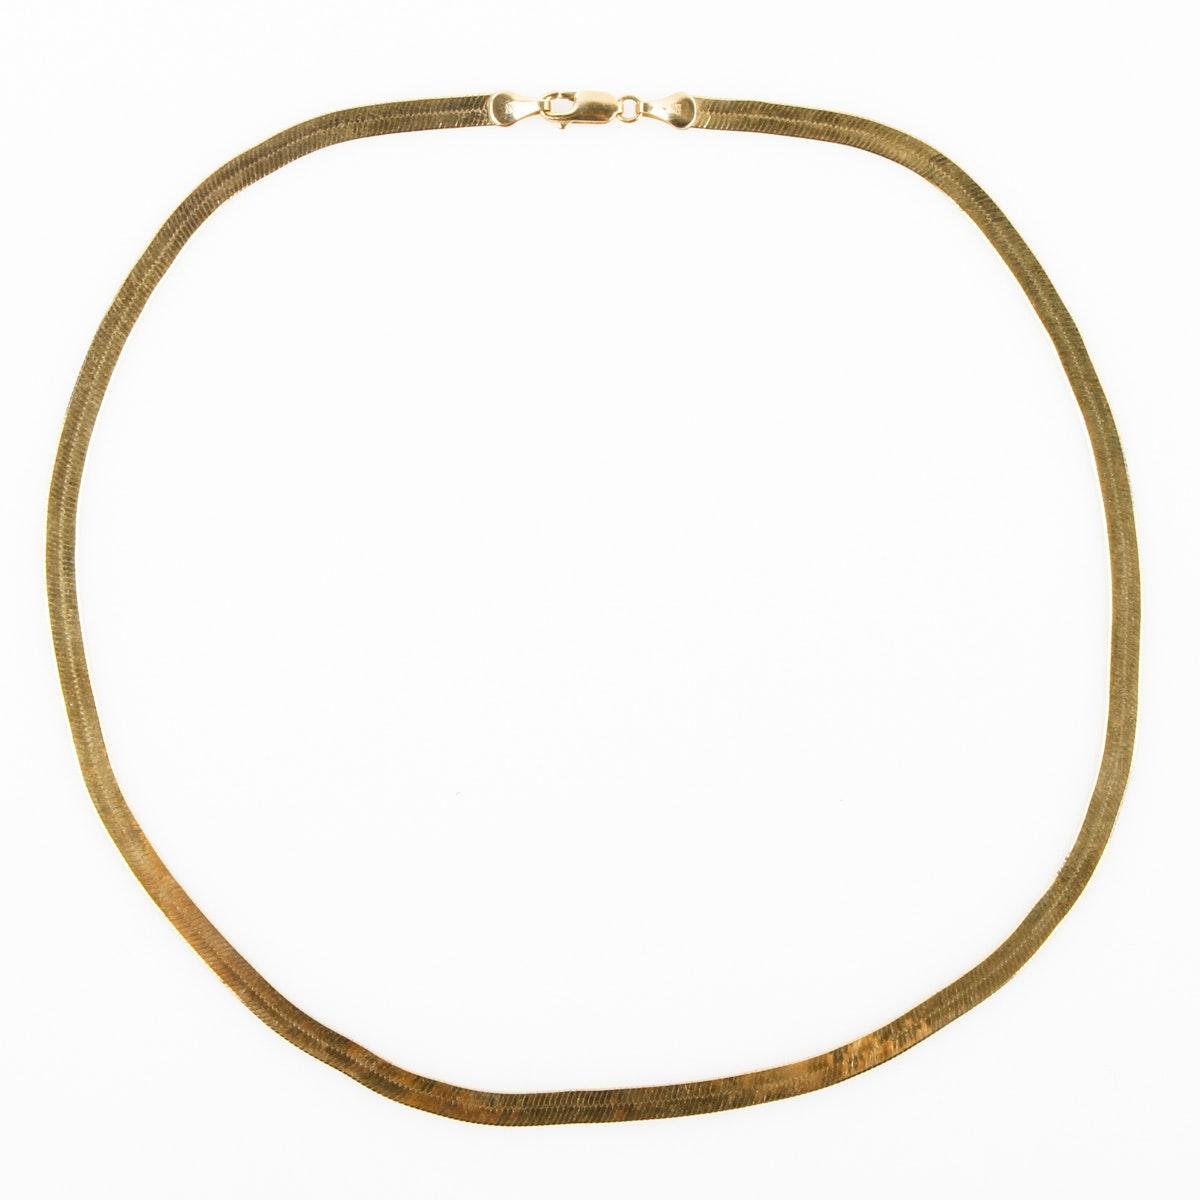 10K Yellow Gold Herringbone Chain